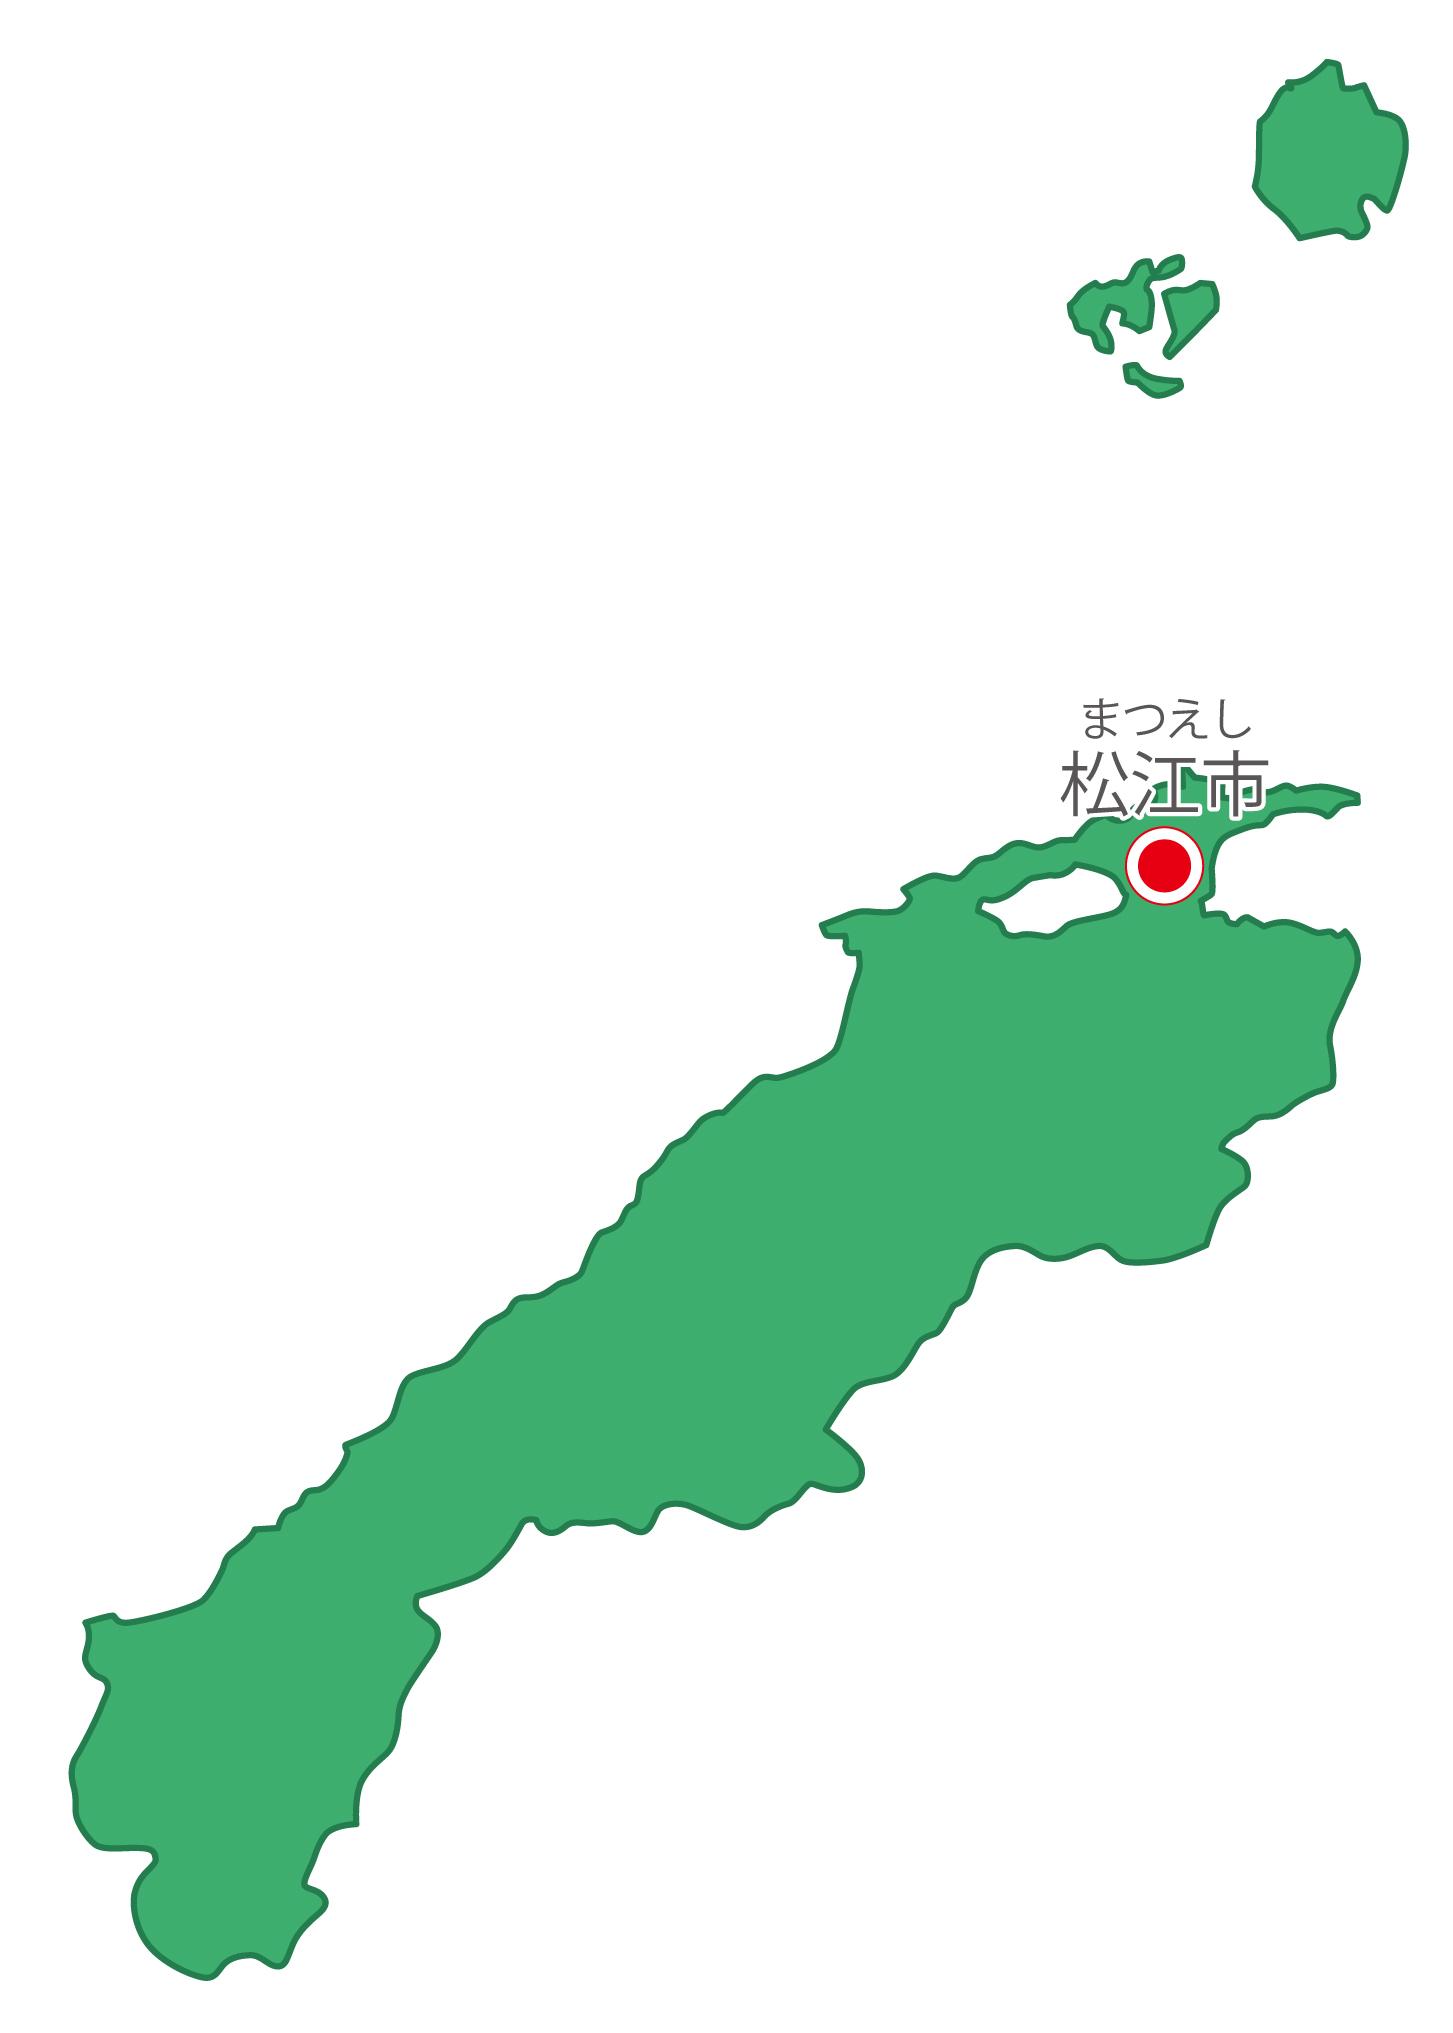 島根県無料フリーイラスト|日本語・県庁所在地あり・ルビあり(緑)